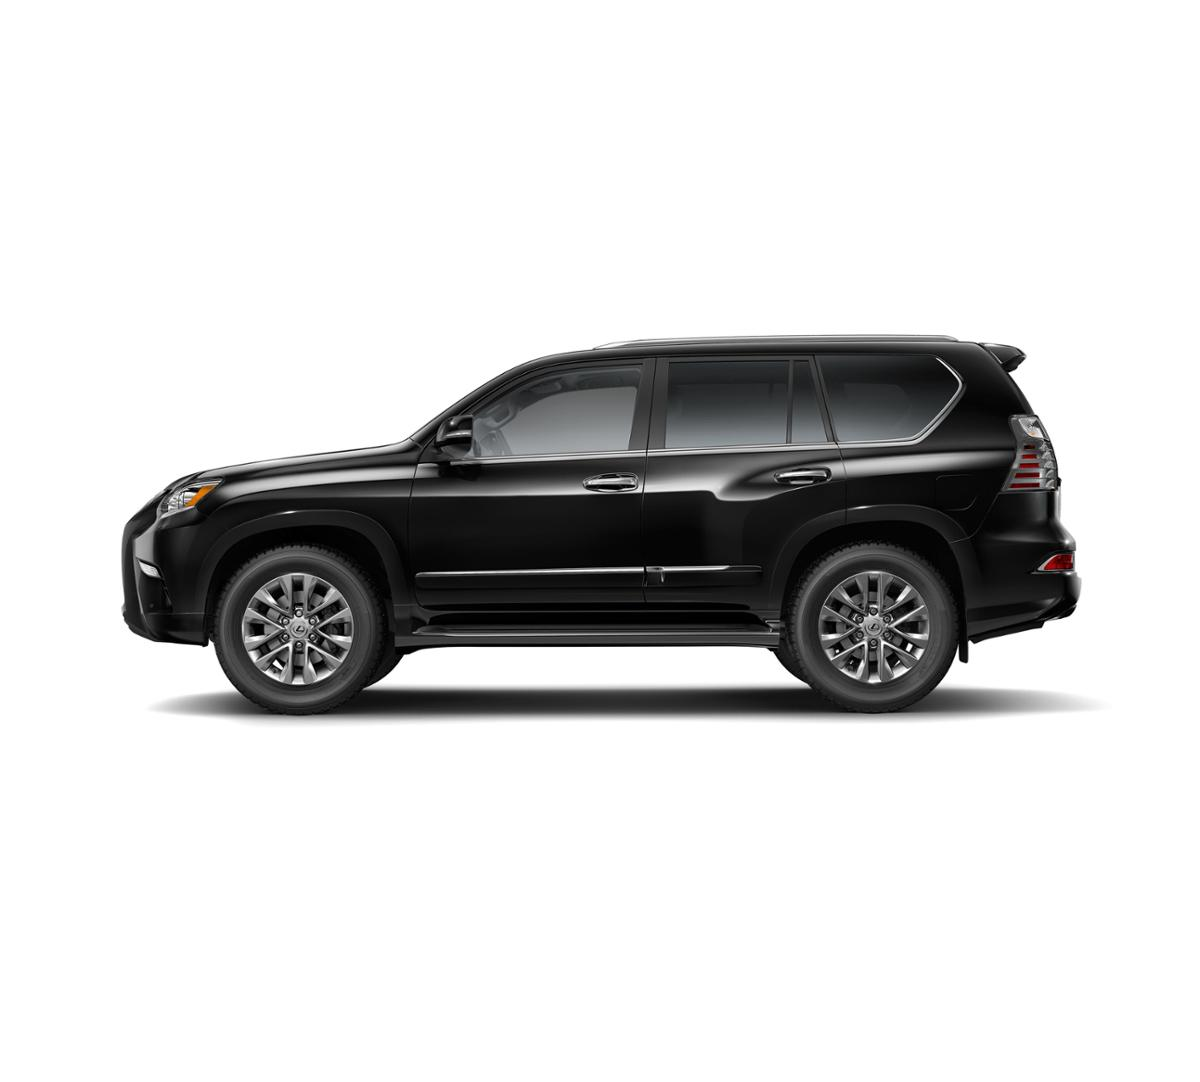 New Black Onyx 2017 Lexus Gx 460 Luxury For Sale Fremont